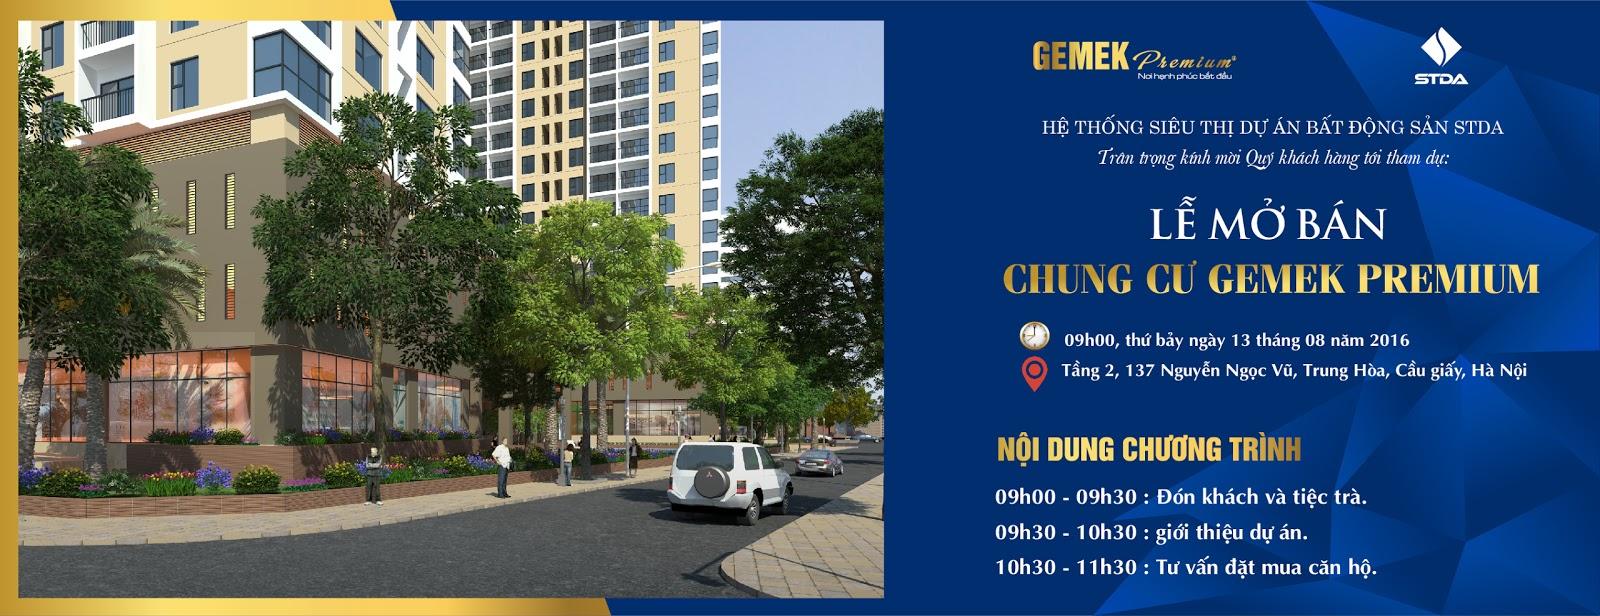 Thư mời dự lễ mở bán căn hộ Gemek Premium ngày 13/8/2016